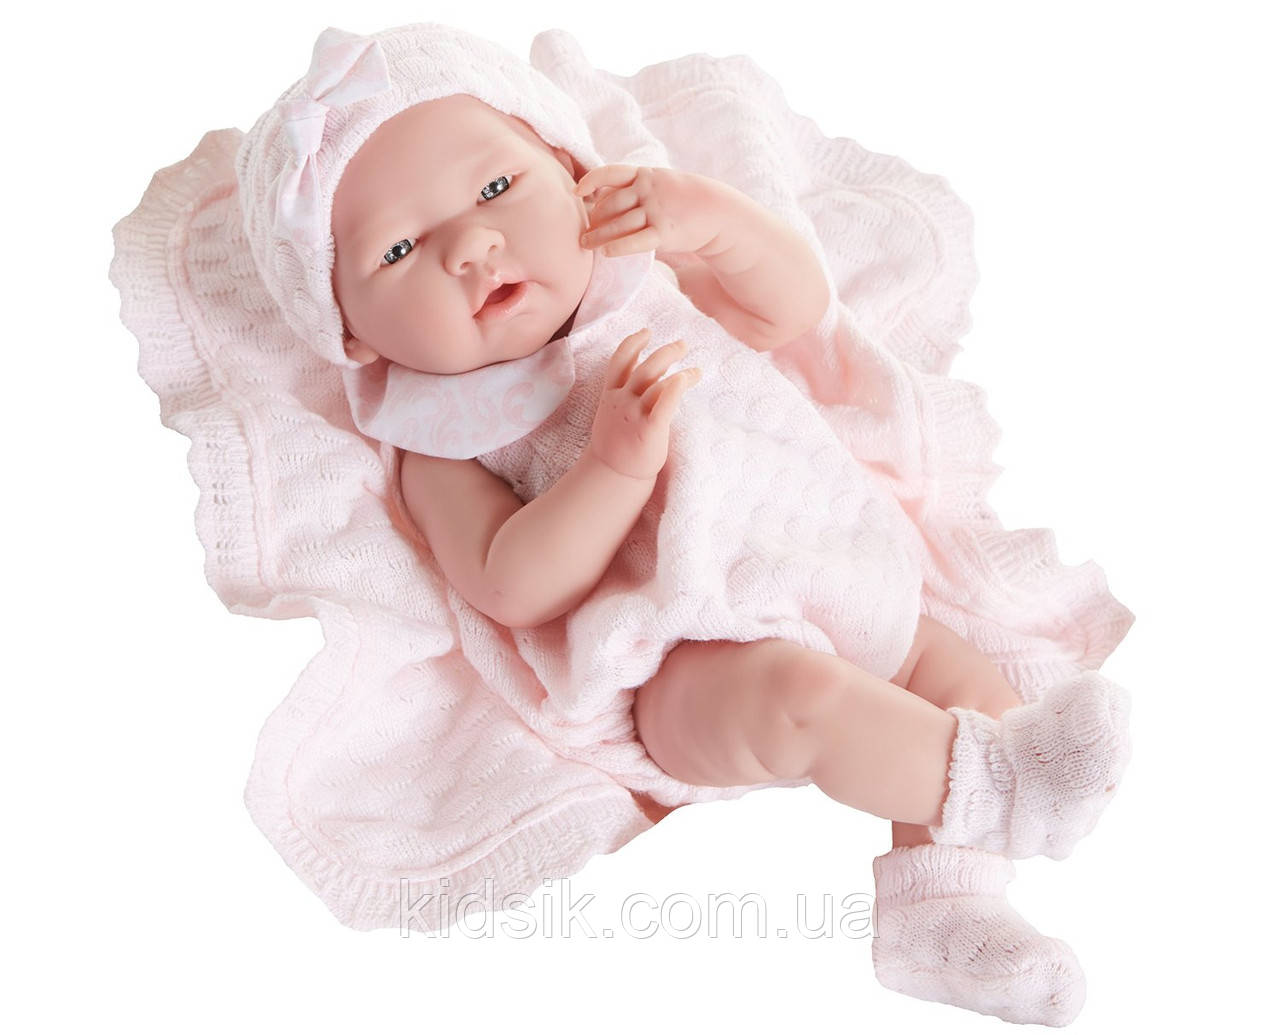 Пупс, новорожденная девочка Роза, кукла в конверте с аксессуарами Berenguer Boutique, 39 см., фото 1